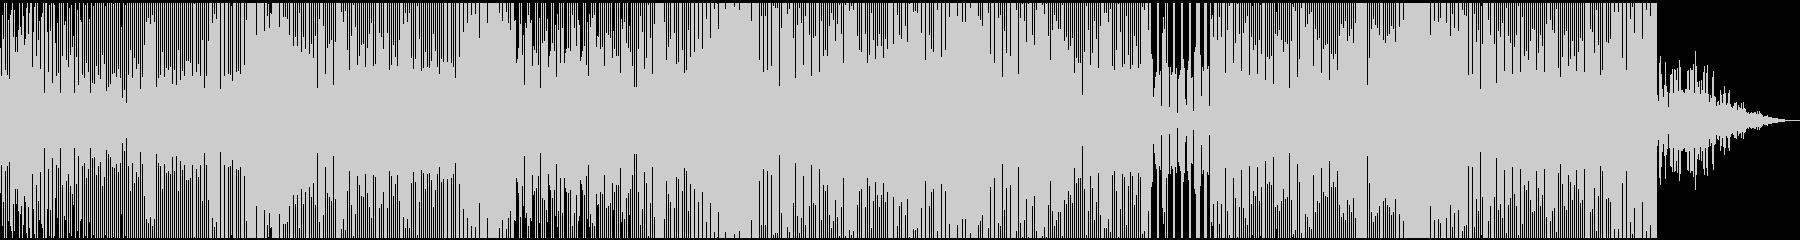 アブストラクトハウスビートの未再生の波形